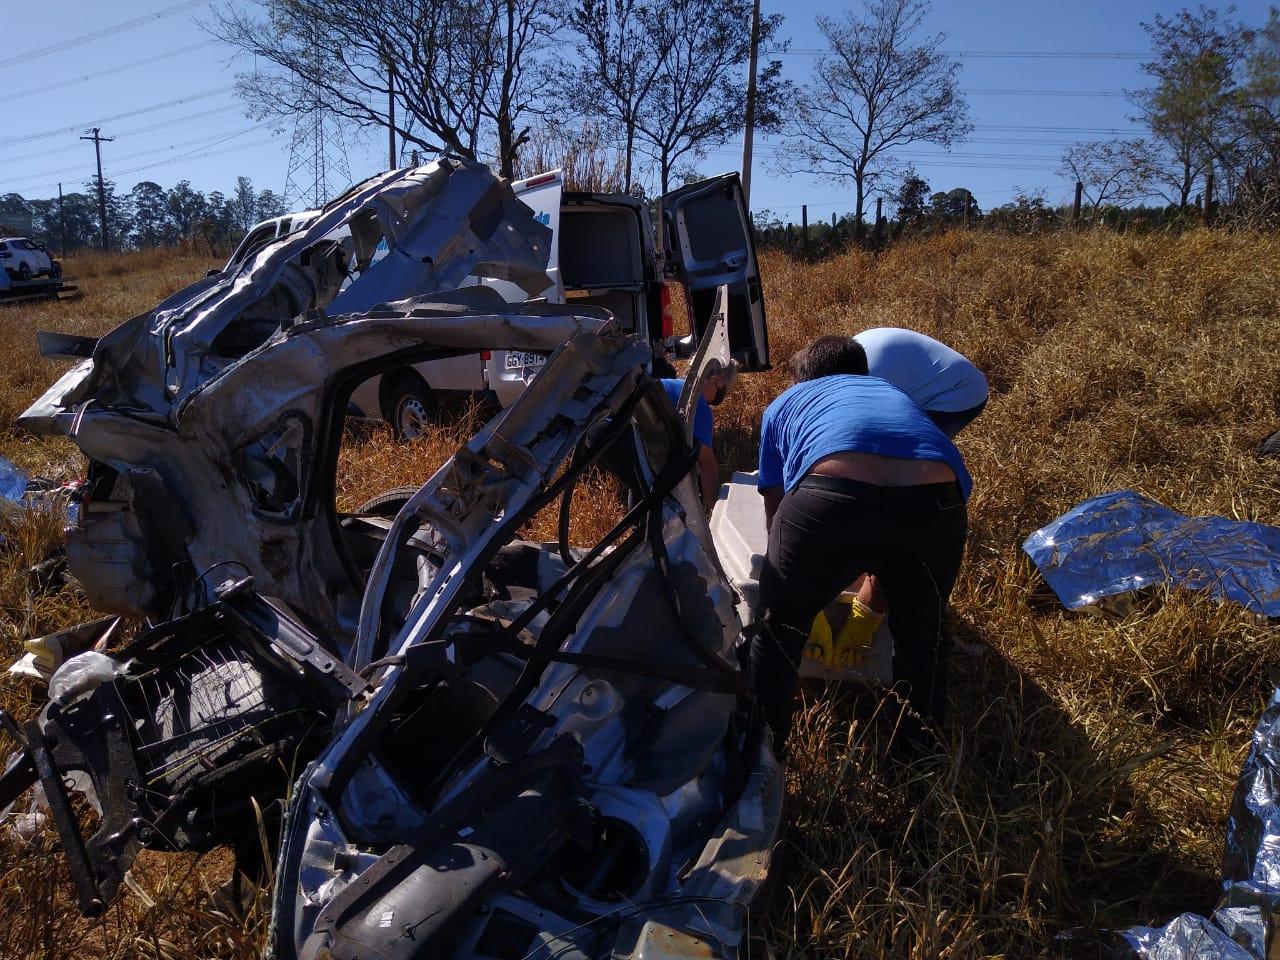 Marido, esposa e filho morreram no acidente